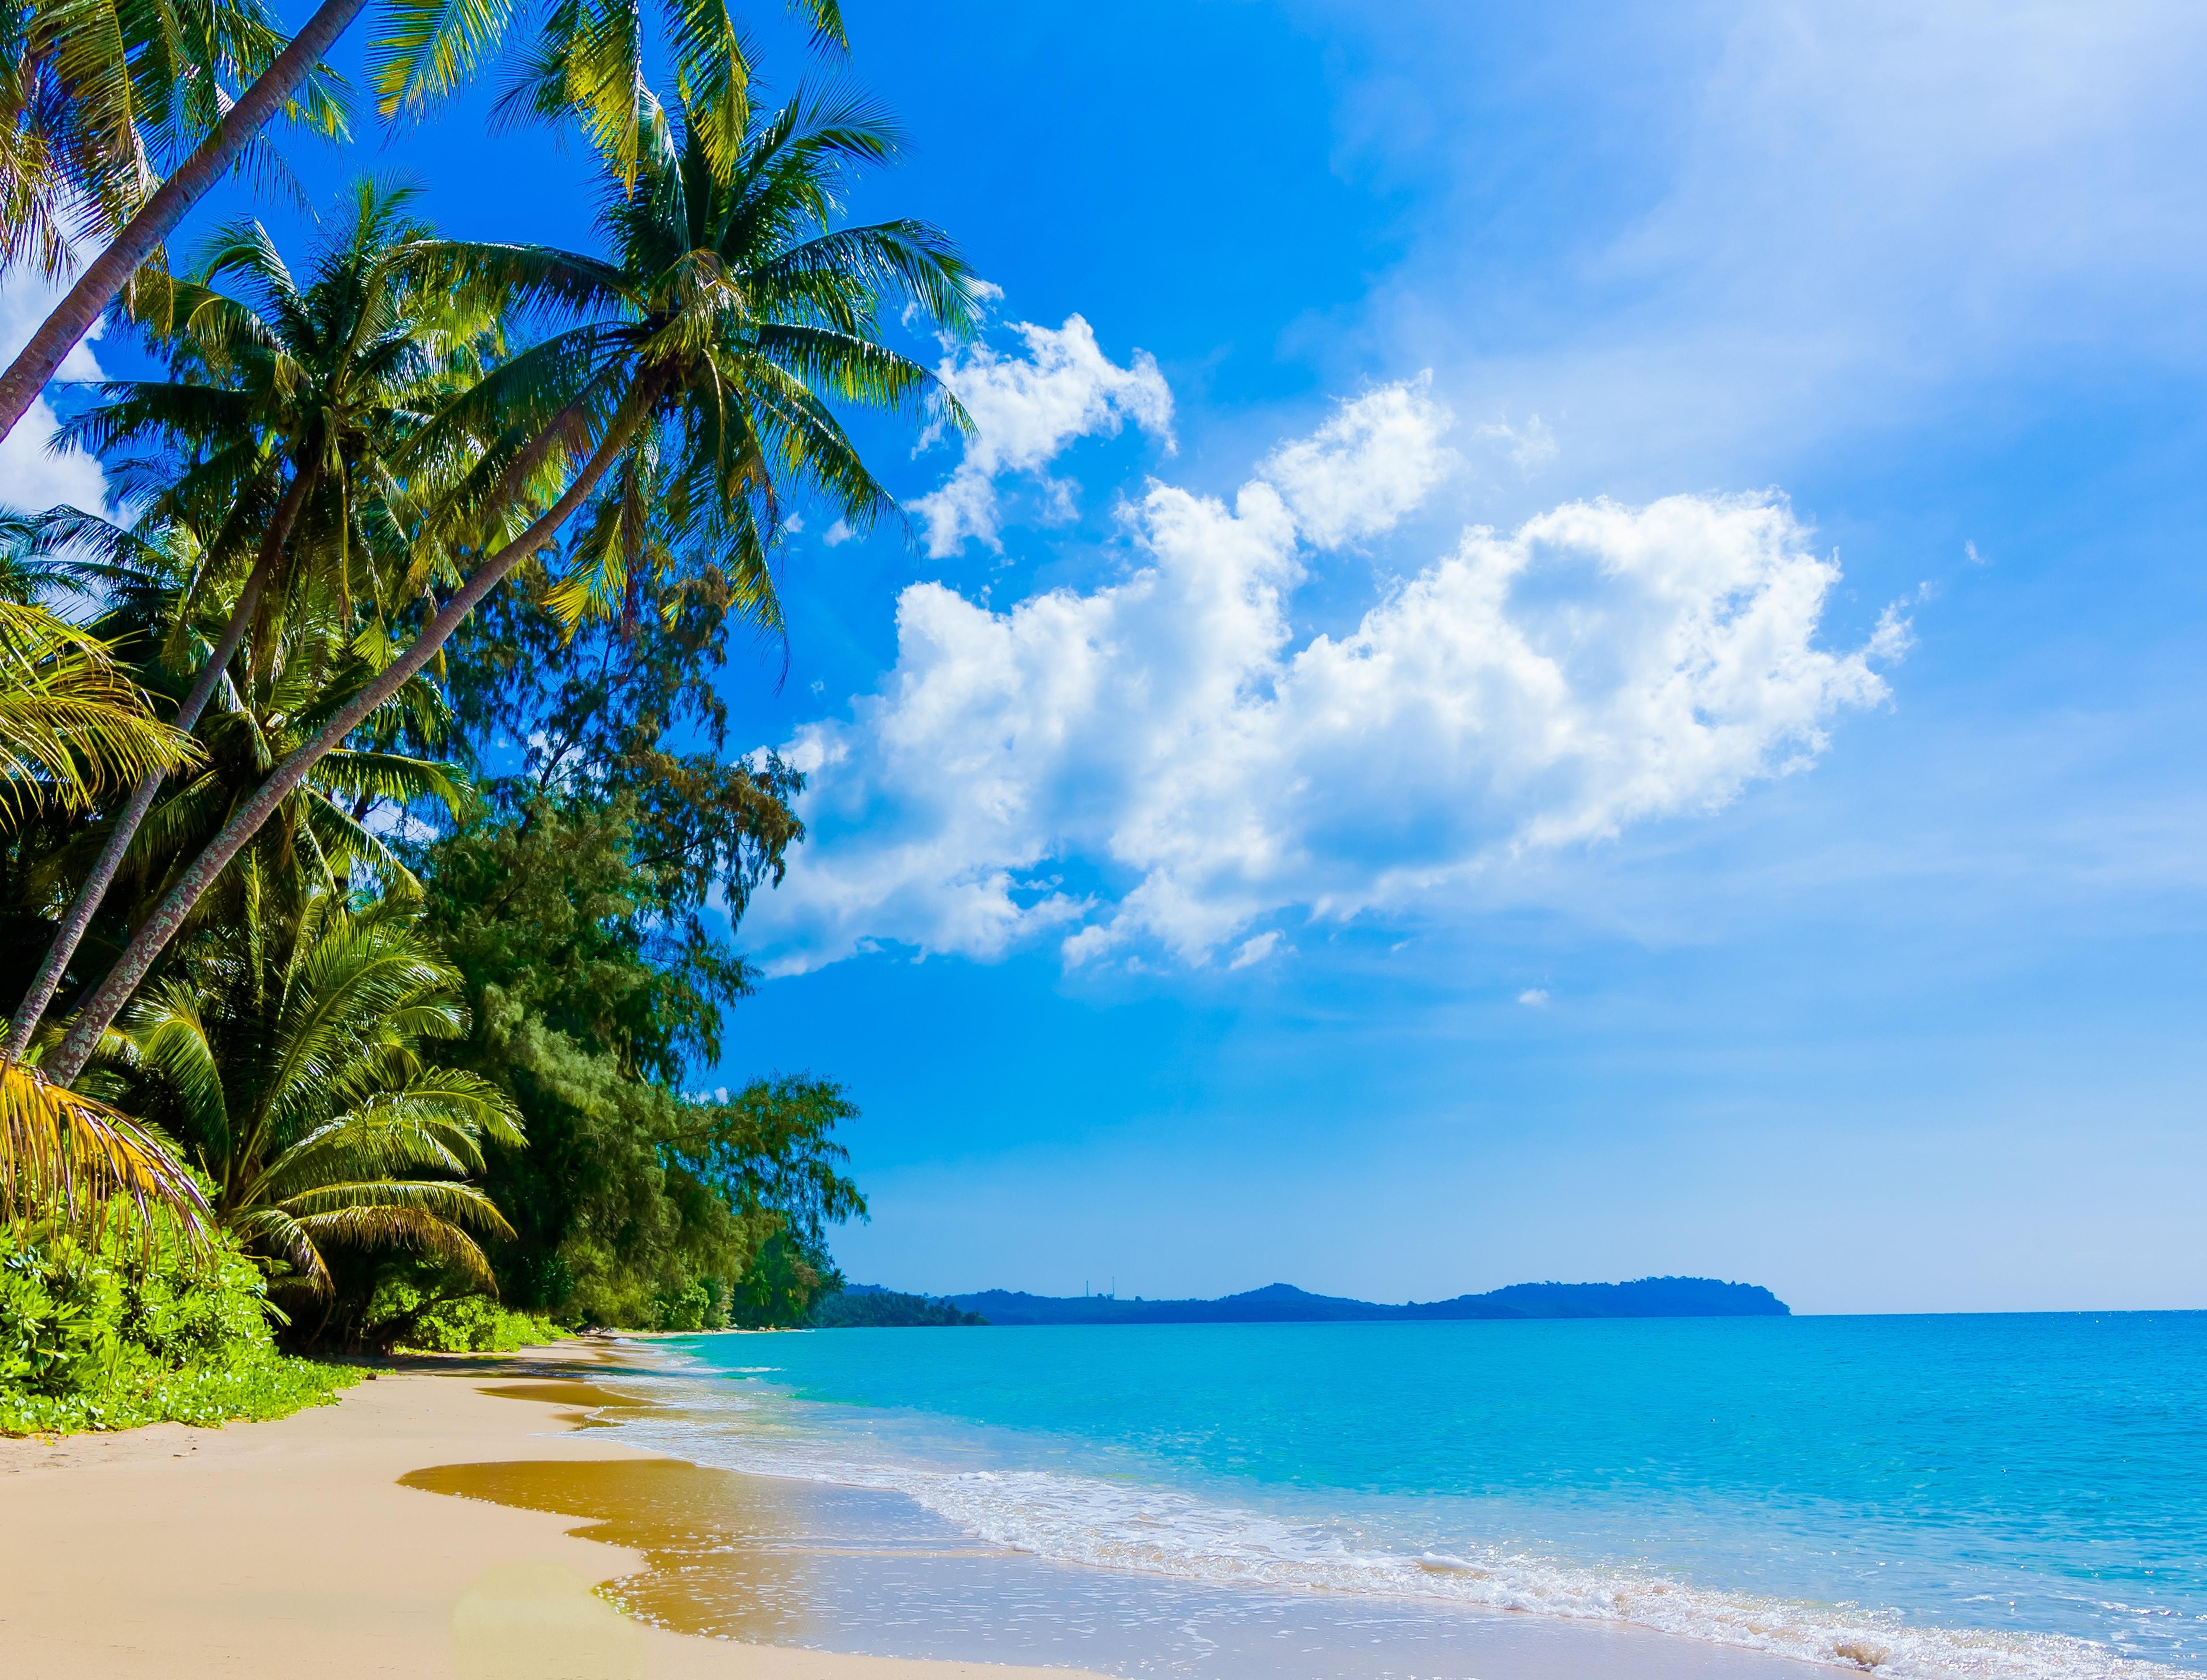 Sunny Day On The Beach Hd